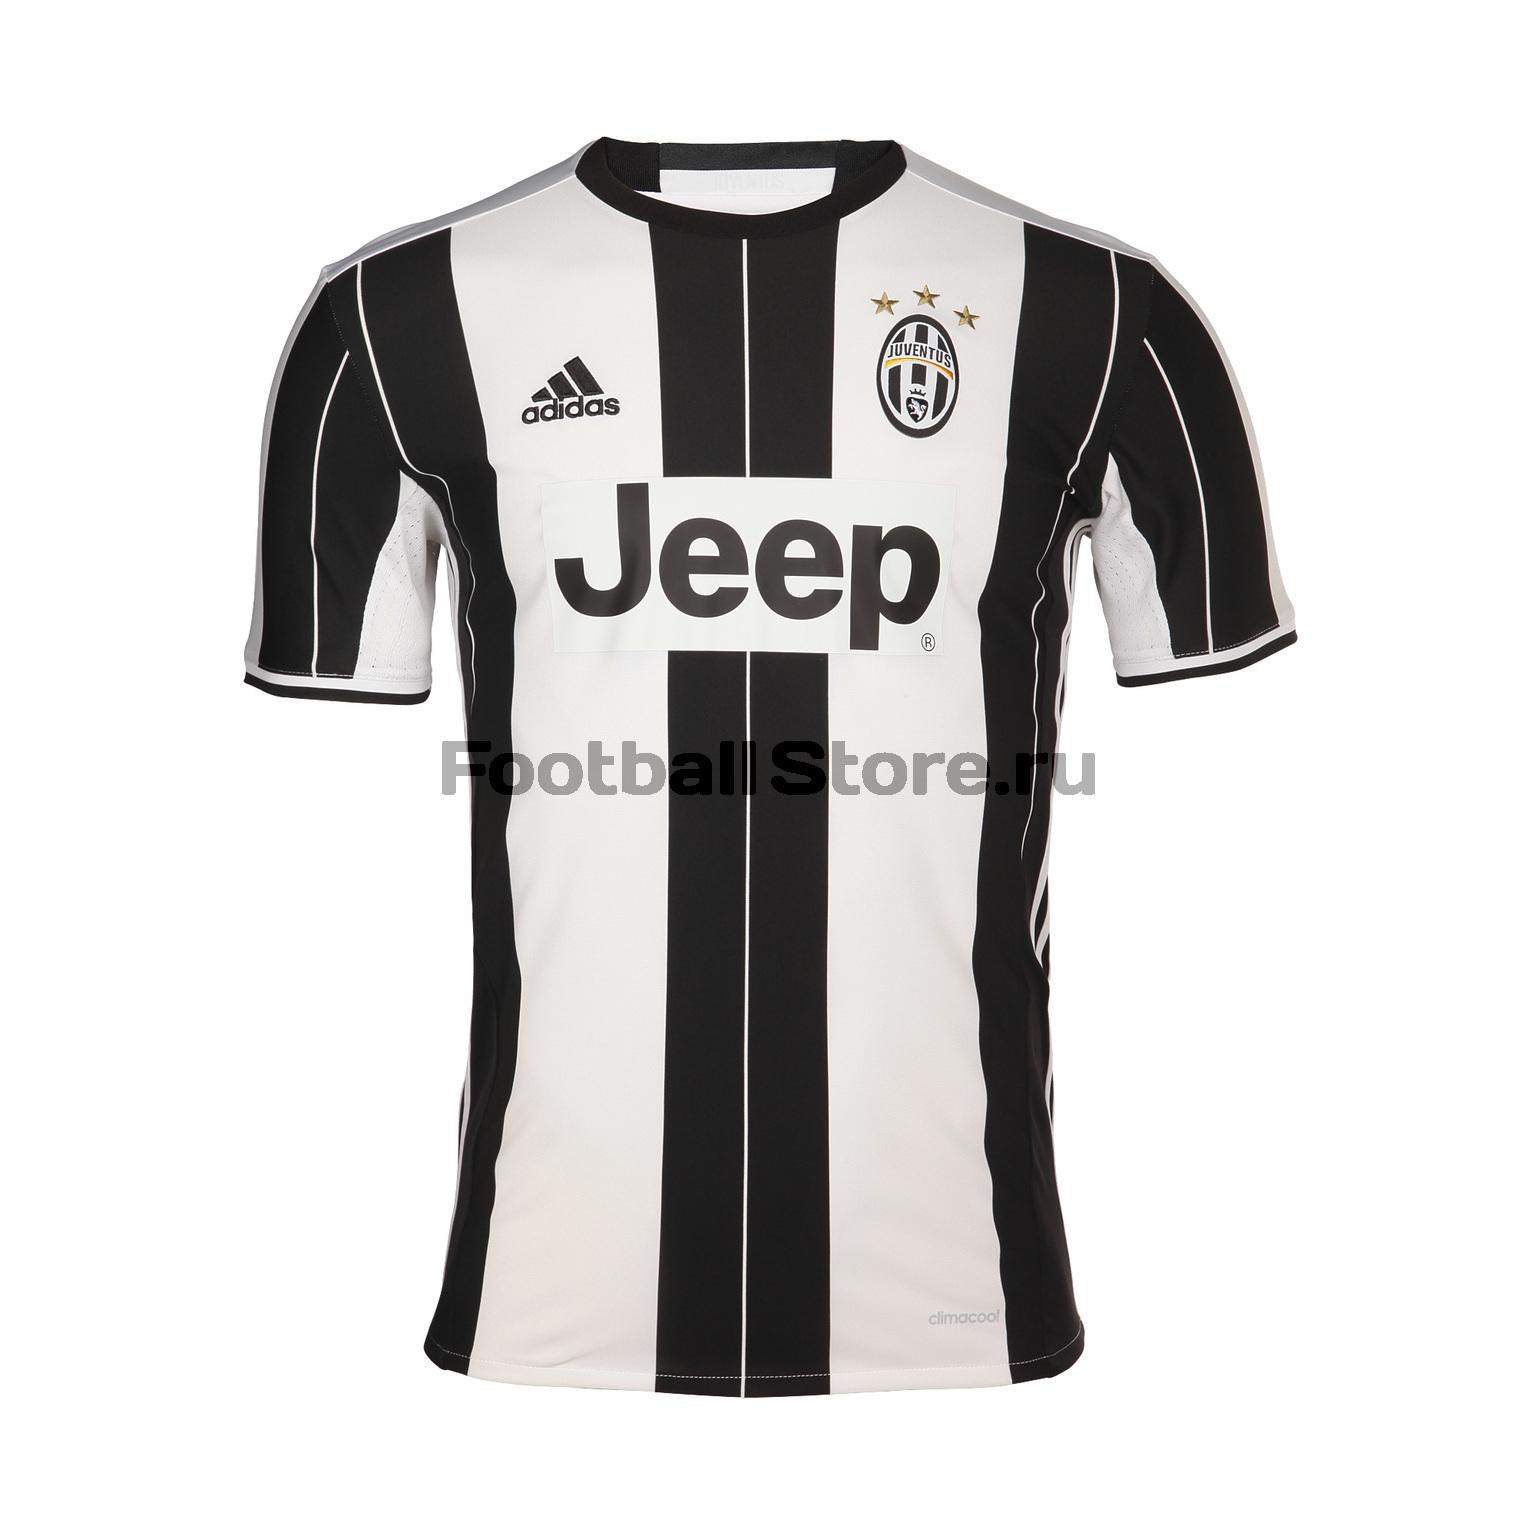 Juventus Adidas Футболка игровая Adidas Juventus Home AI6241 академия групп сумка спортивная juventus